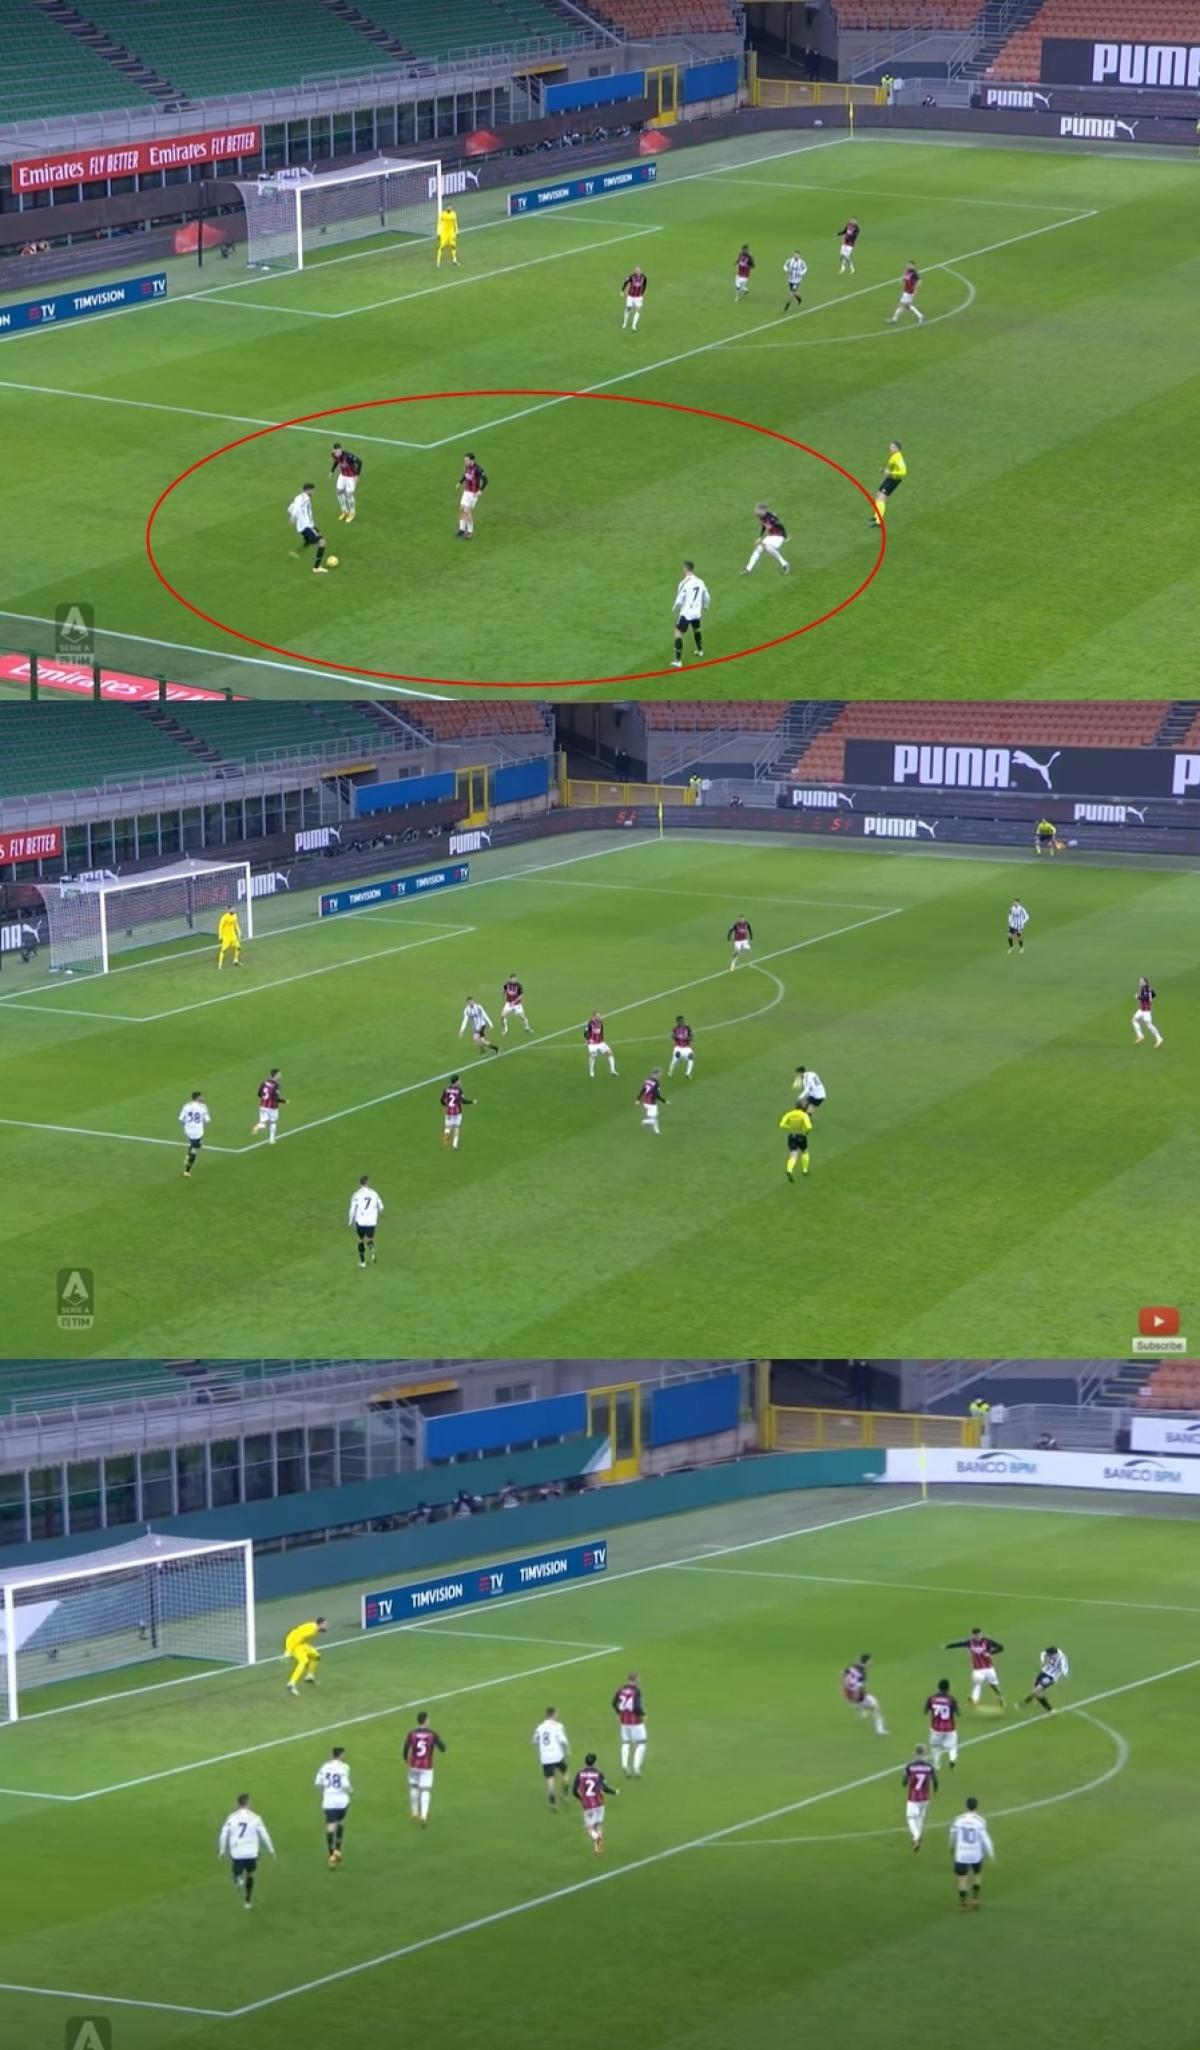 Phút 62, sự có mặt của Ronaldo và Frabotta bên cánh trái lôi kéo 3 cầu thủ AC Milan, lộ ra khoảng trống ở trung lộ. Paulo Dybala nhận bóng rồi kiến tạo cho Chiesa ghi bàn nâng tỷ số lên 2-1.